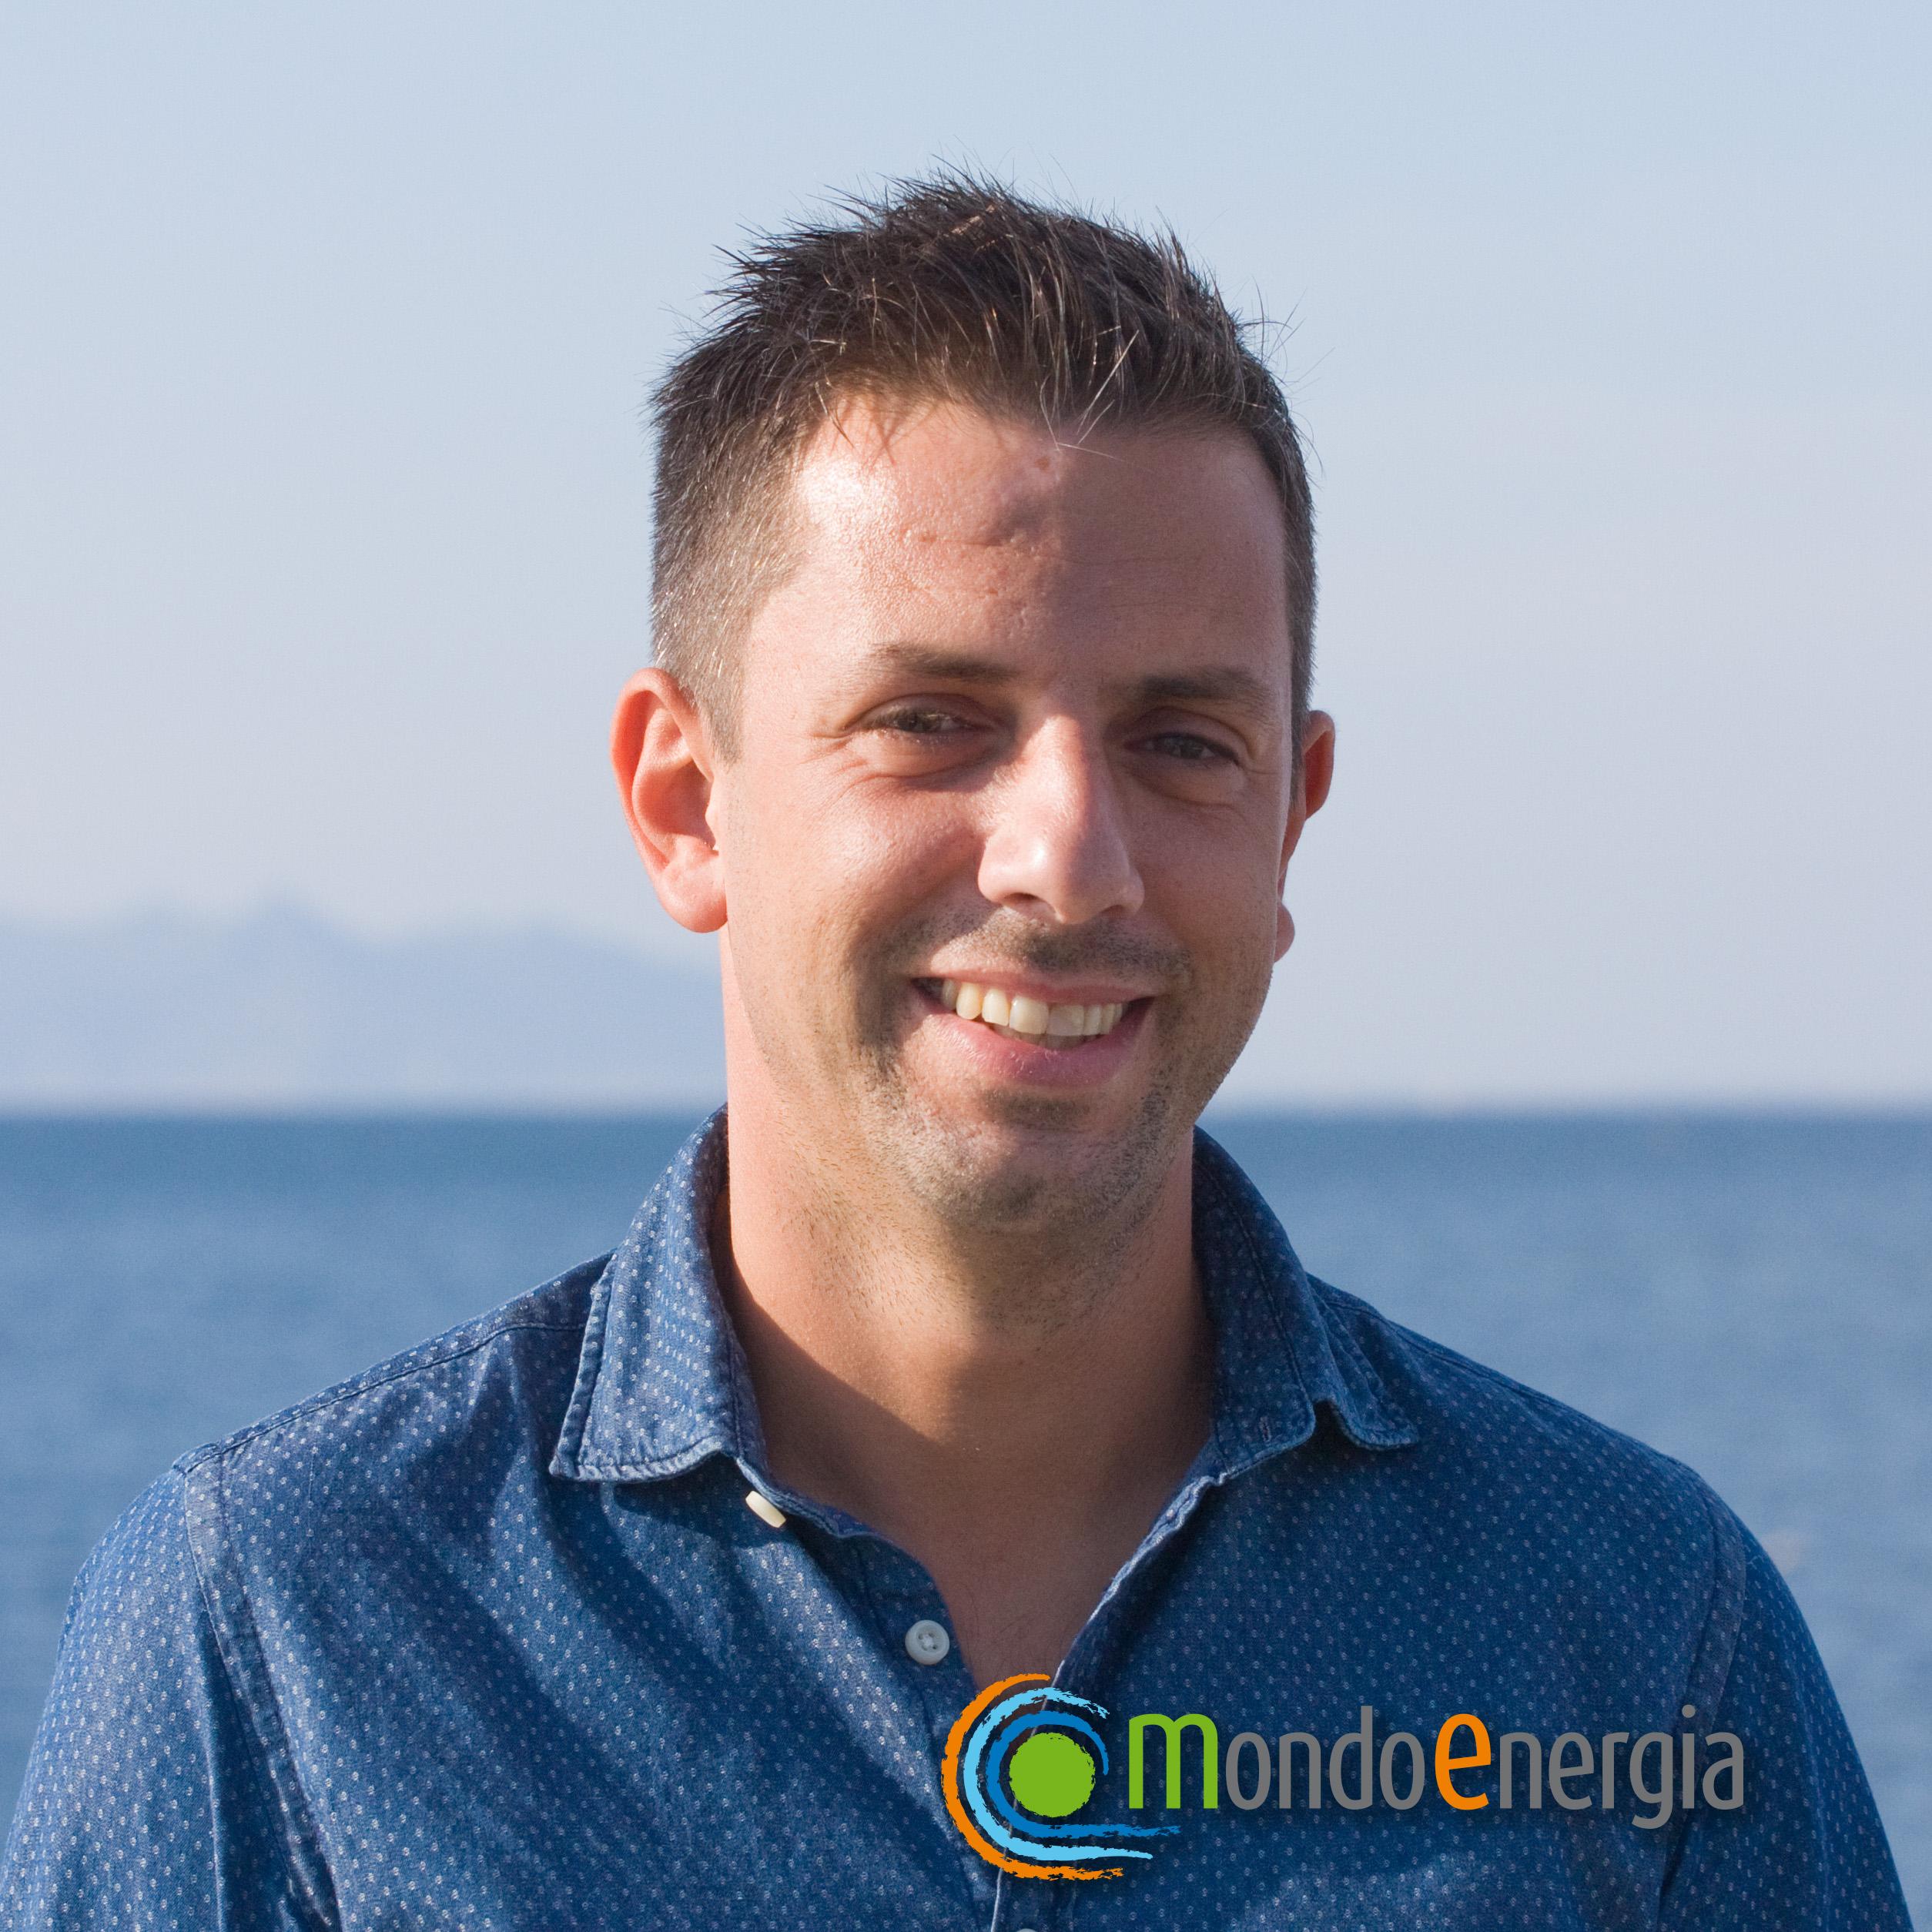 La nuova sfida per le energie rinnovabili: i sistemi di accumulo negli impianti residenziali